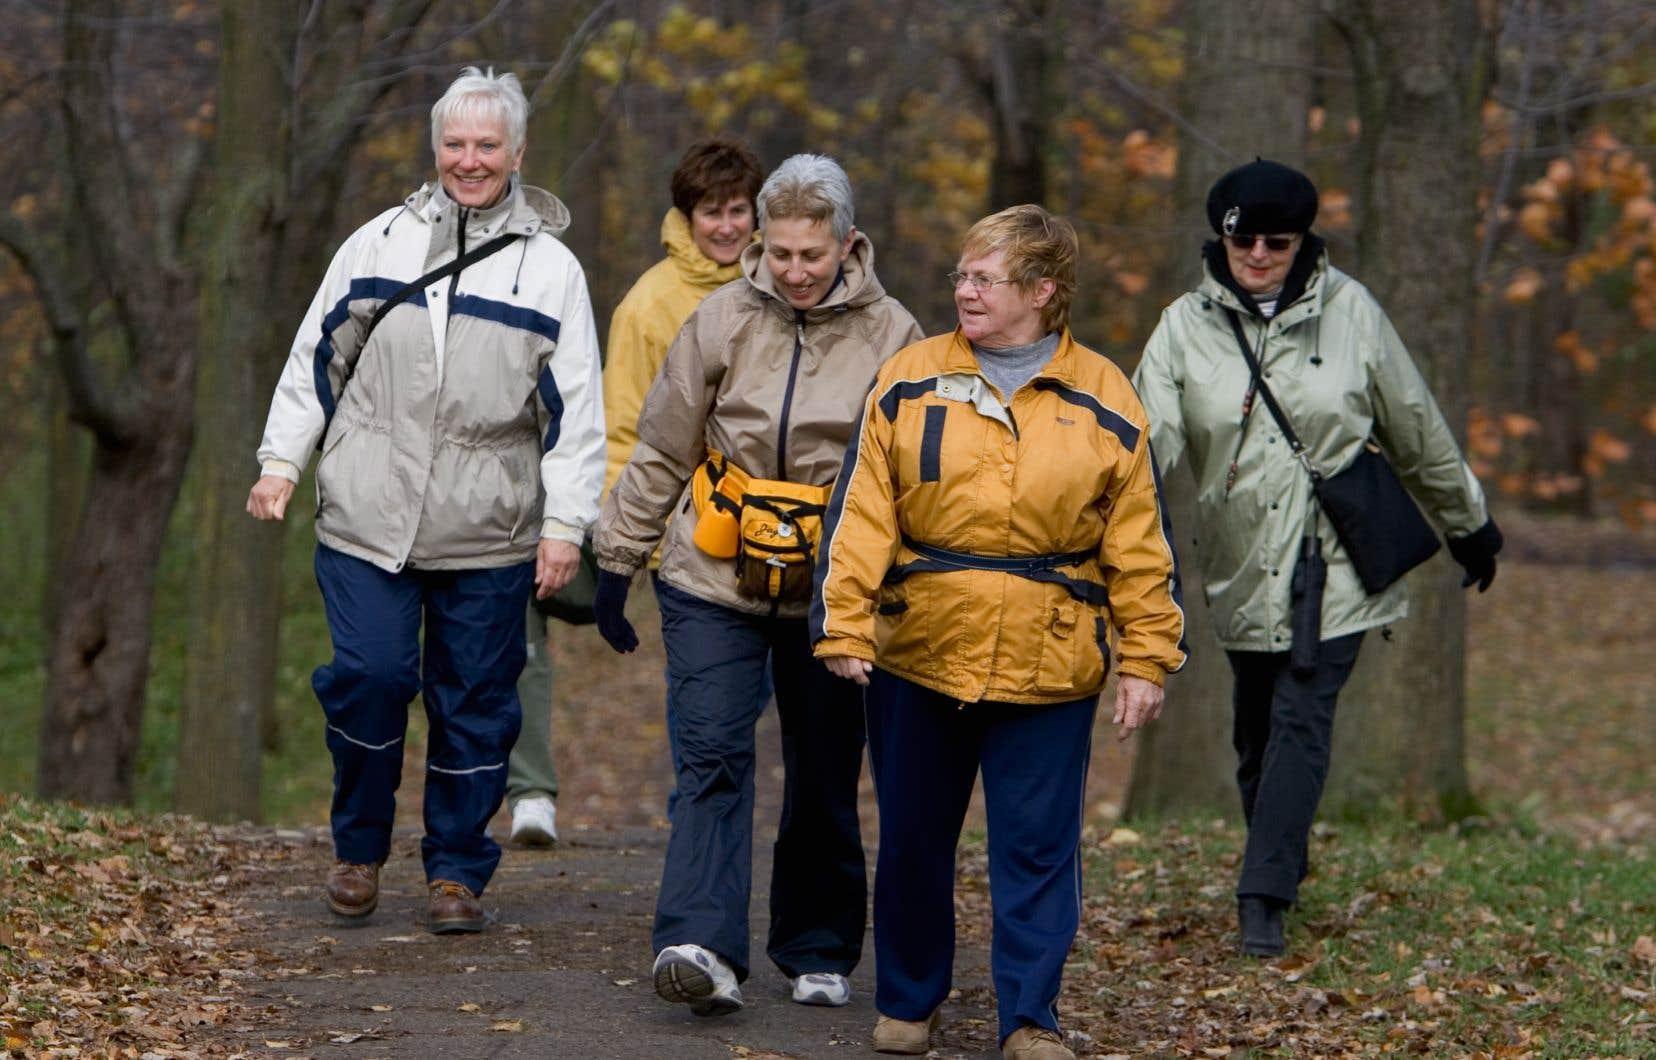 <p>On estime généralement que les femmes disposent d'un avantage de dix ou vingt ans face aux hommes au chapitre des maladies cardiovasculaires, une notion sur laquelle cette étude semble maintenant jeter un doute.</p>